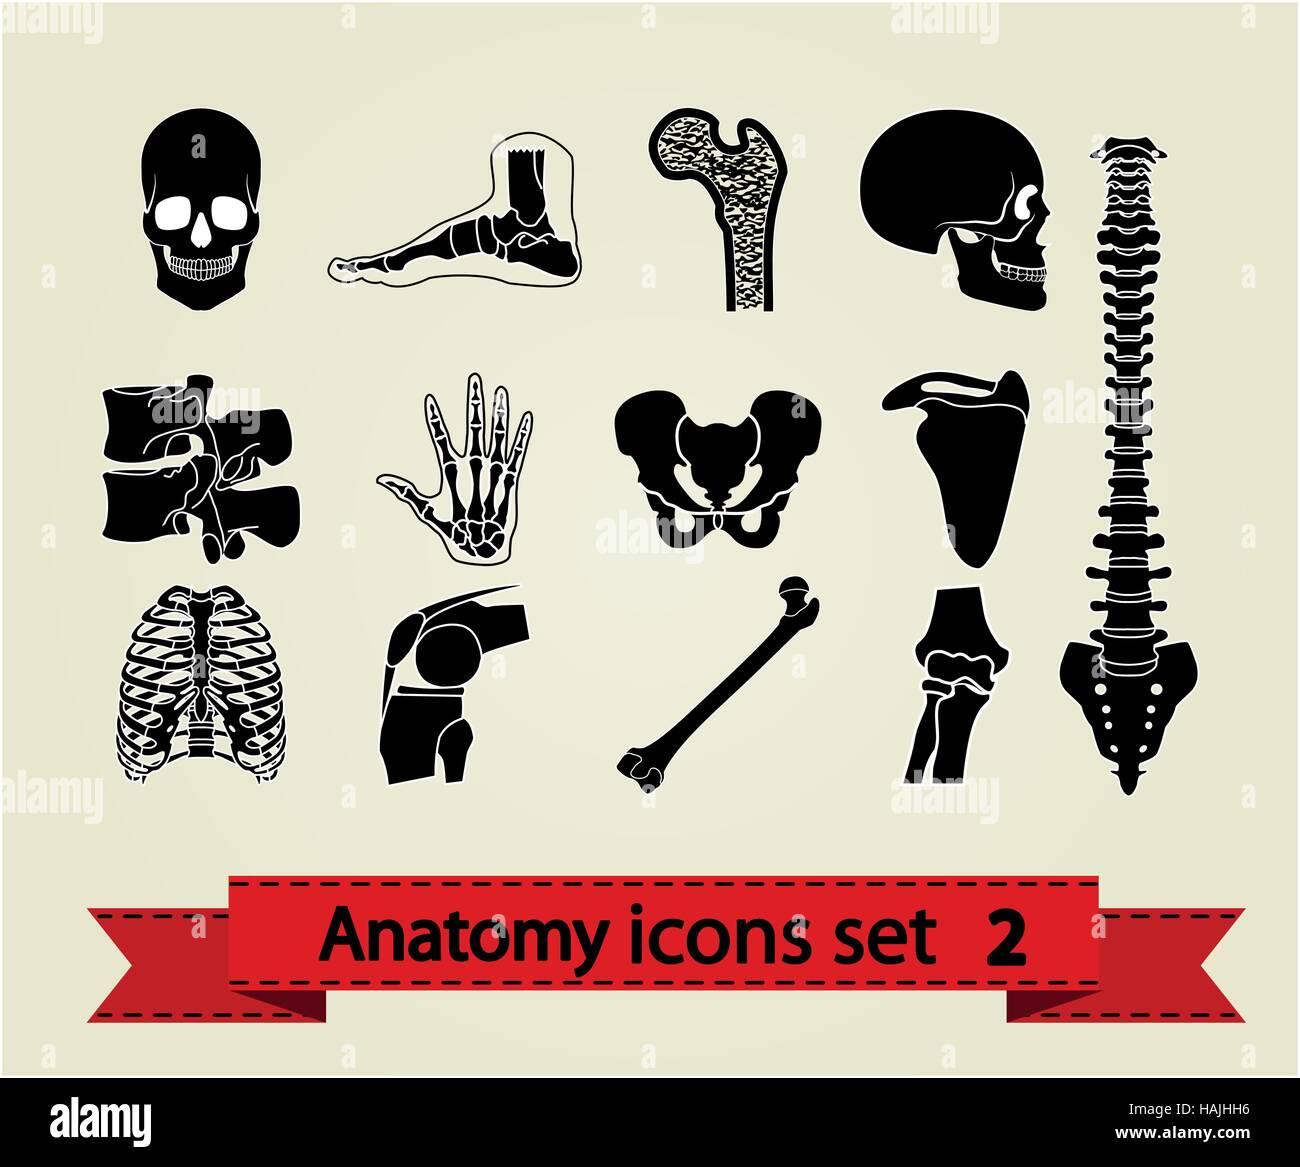 Menschliche Anatomie Symbole Teile. Vector Illustration Eps 8 Vektor ...